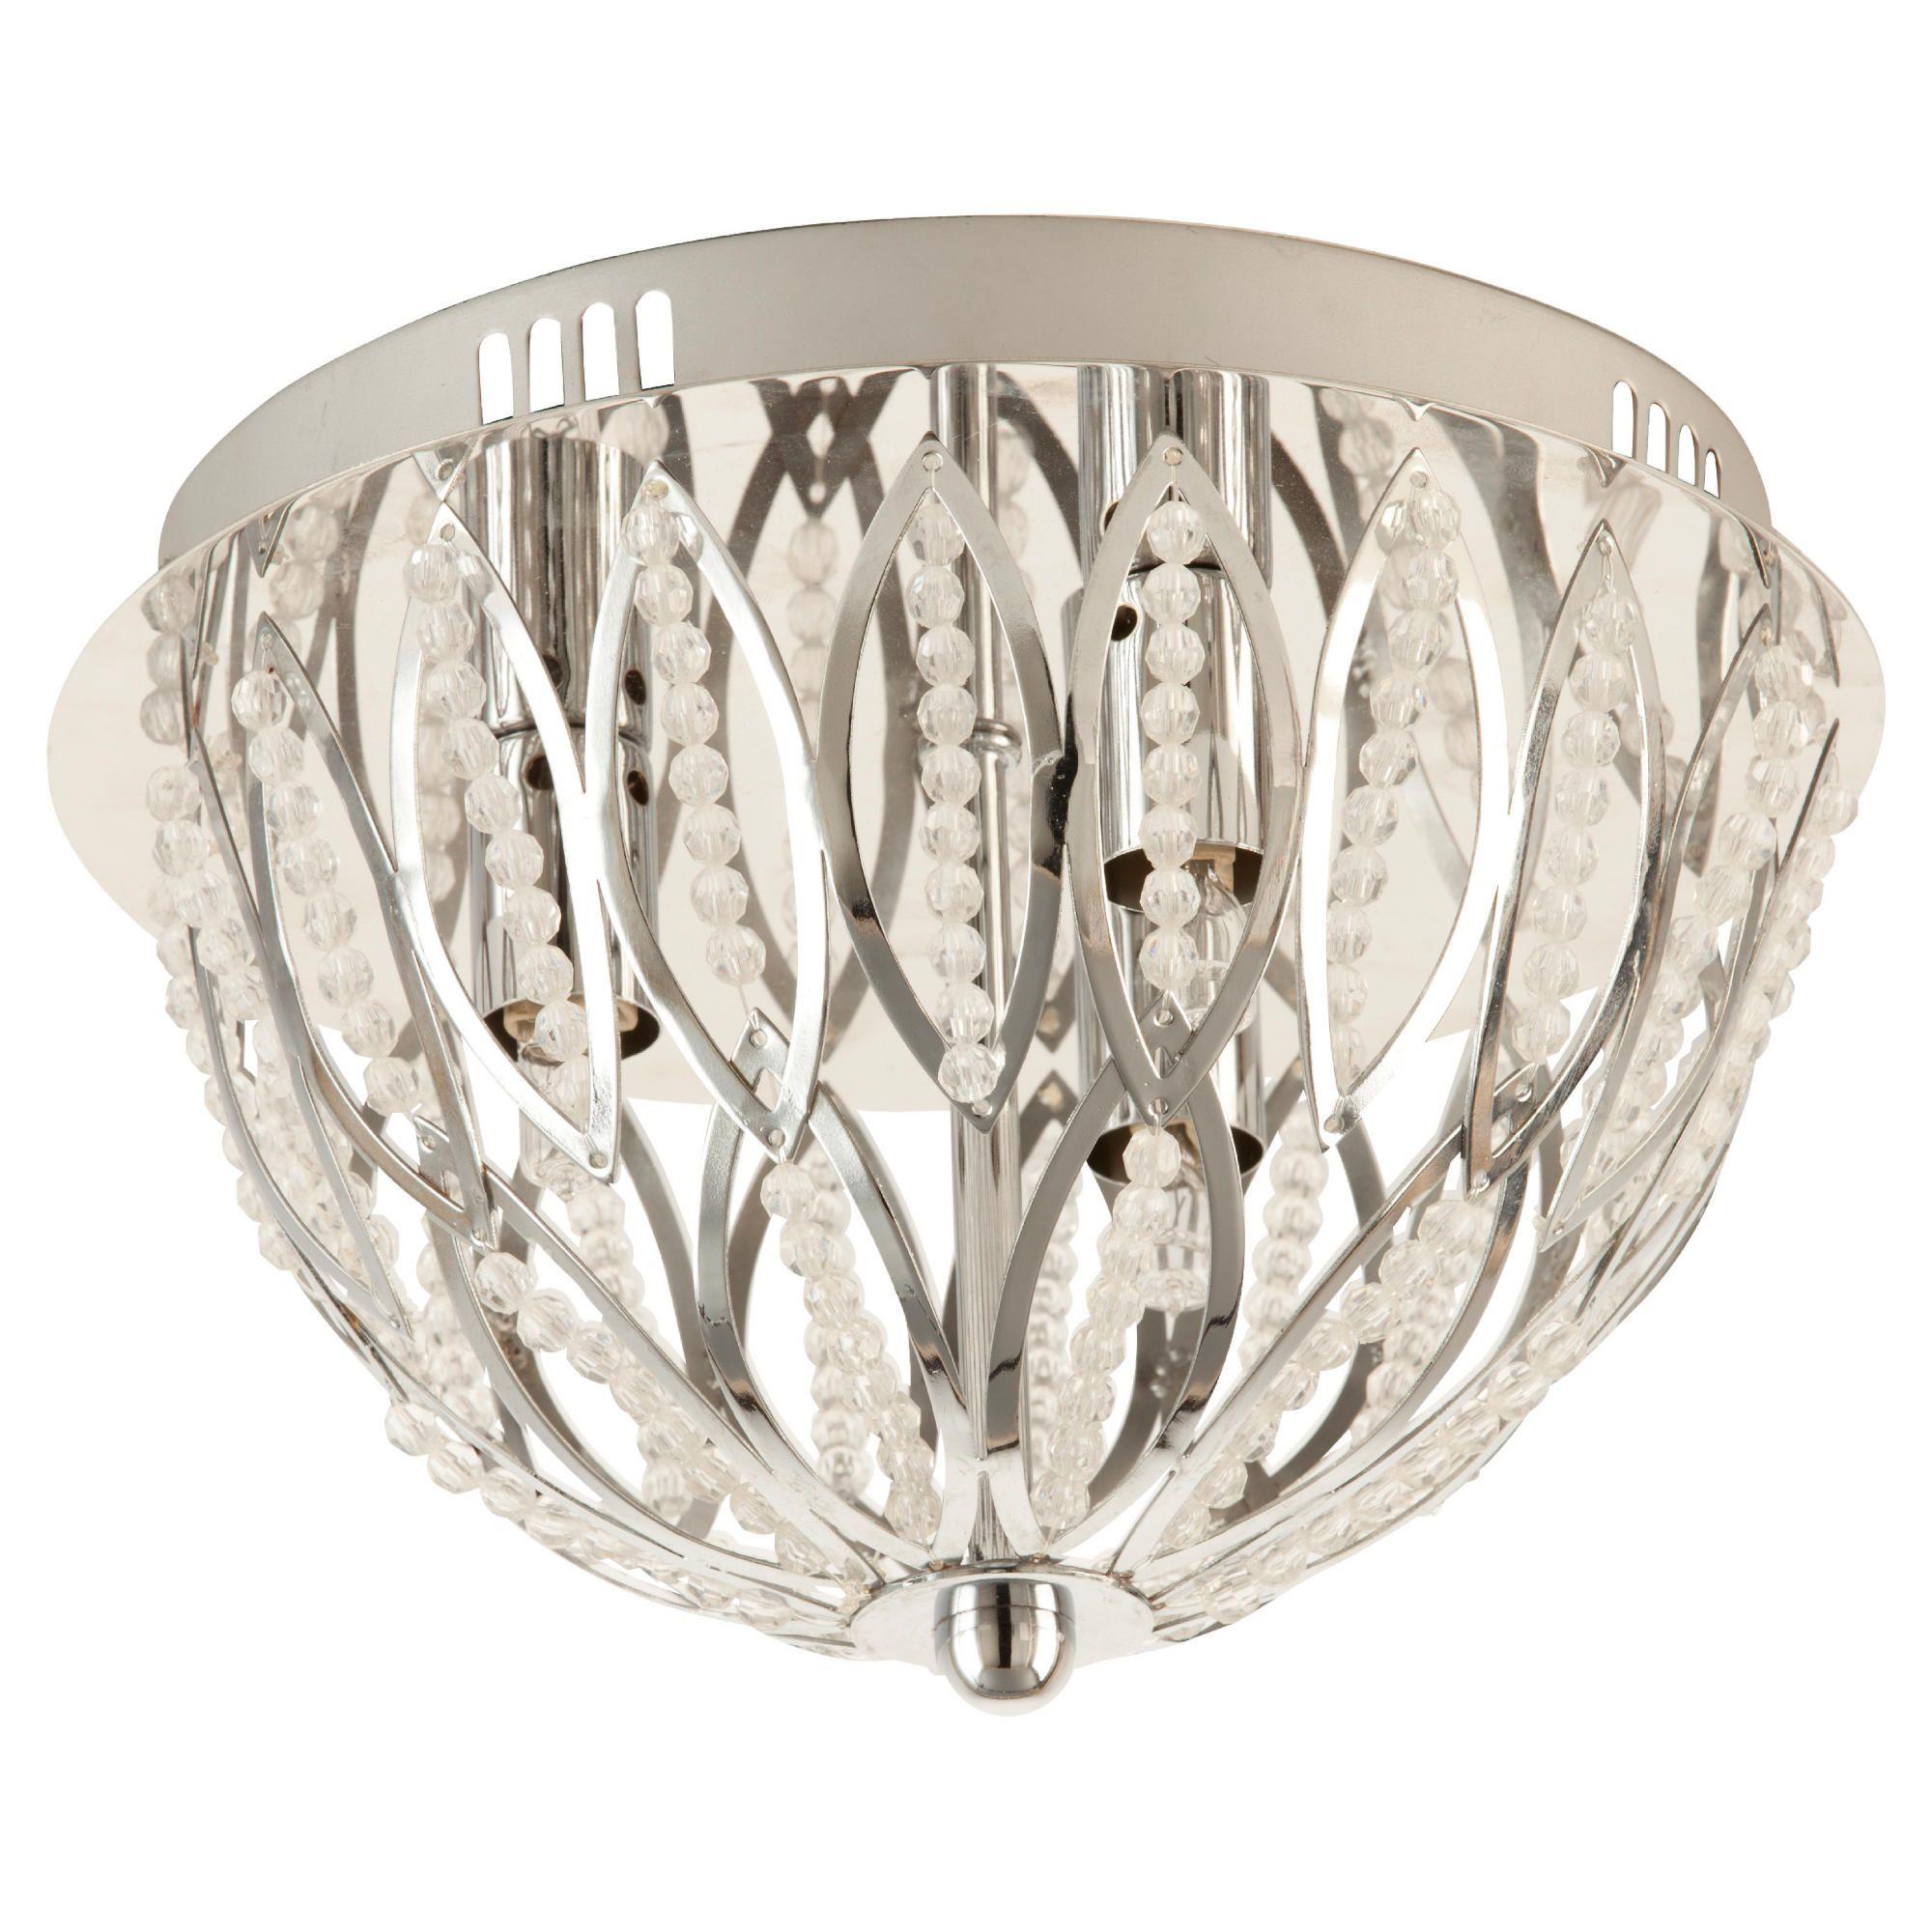 Bedroom Lamps Tesco: Myshop